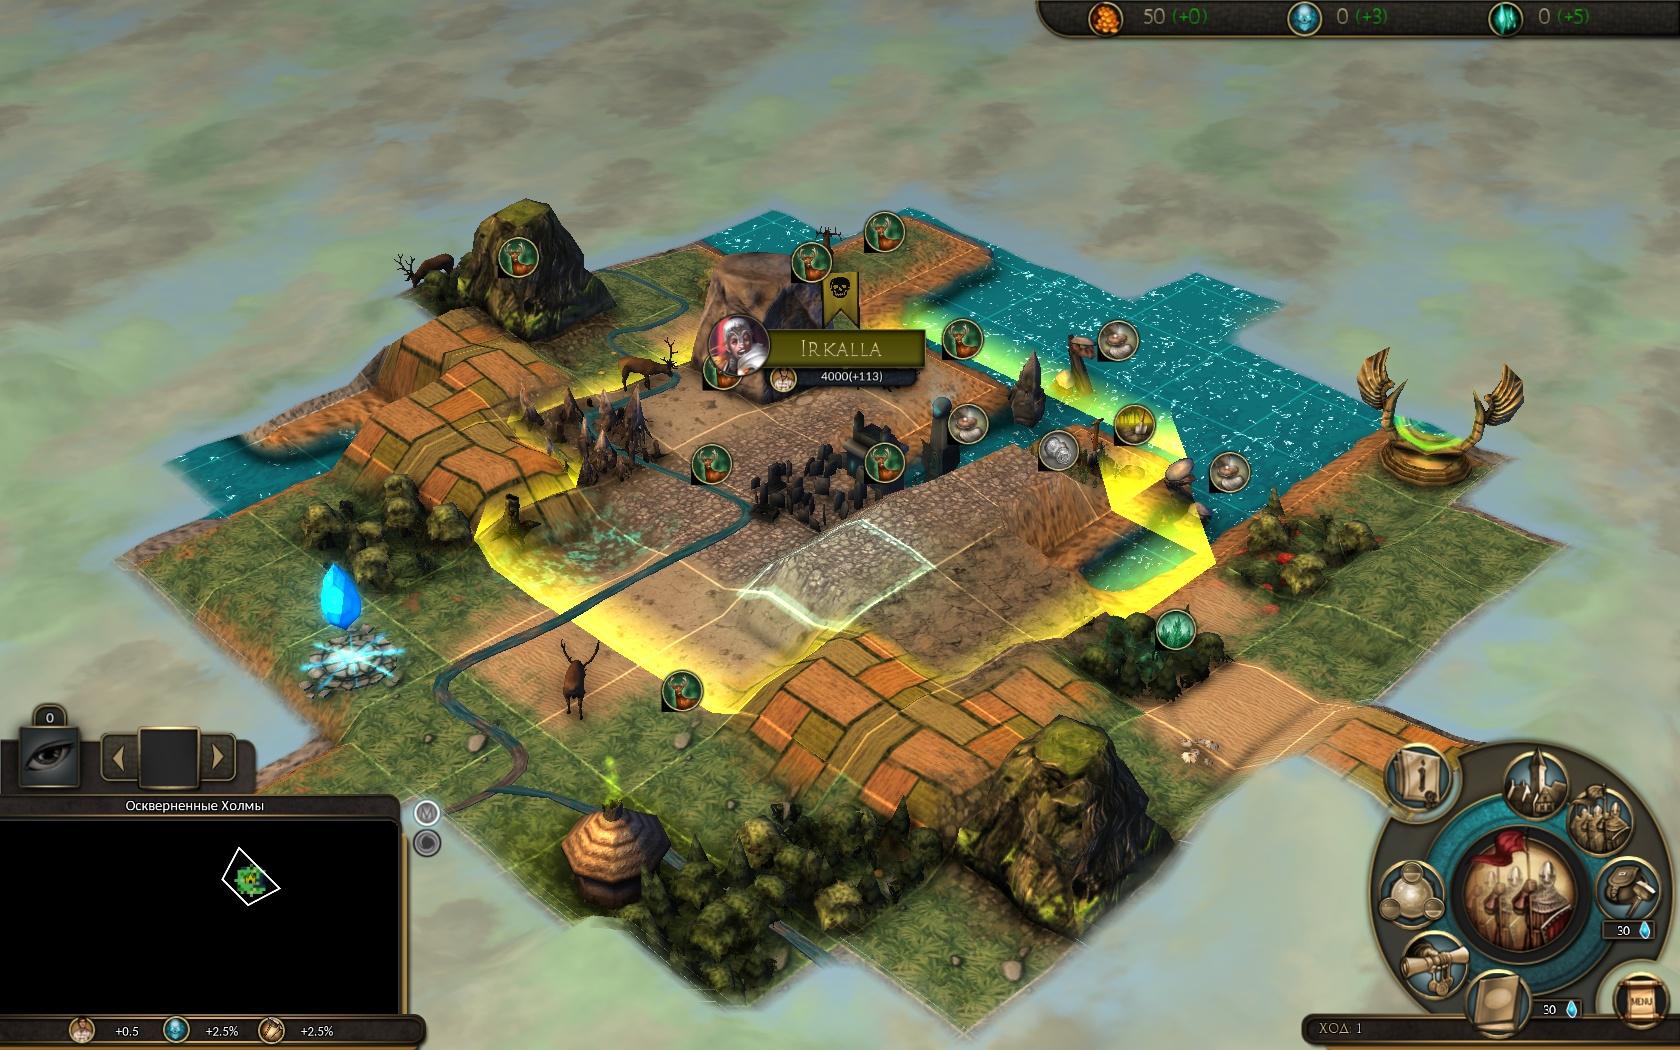 Скриншот Worlds of Magic [v.1.2.6] (2015) PC